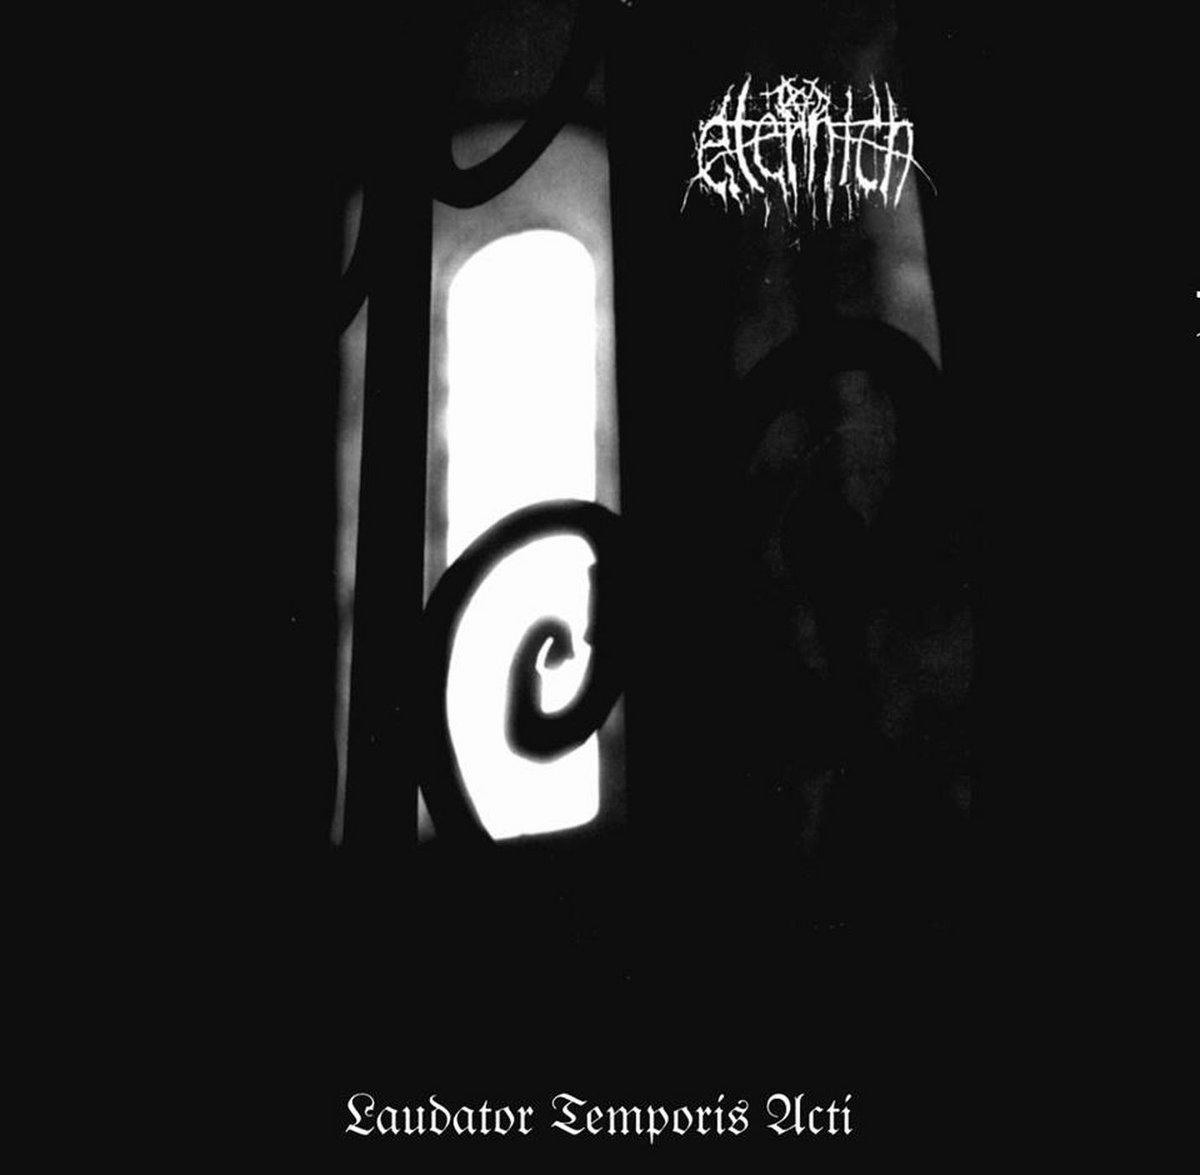 https://eternich.bandcamp.com/album/laudator-temporis-acti